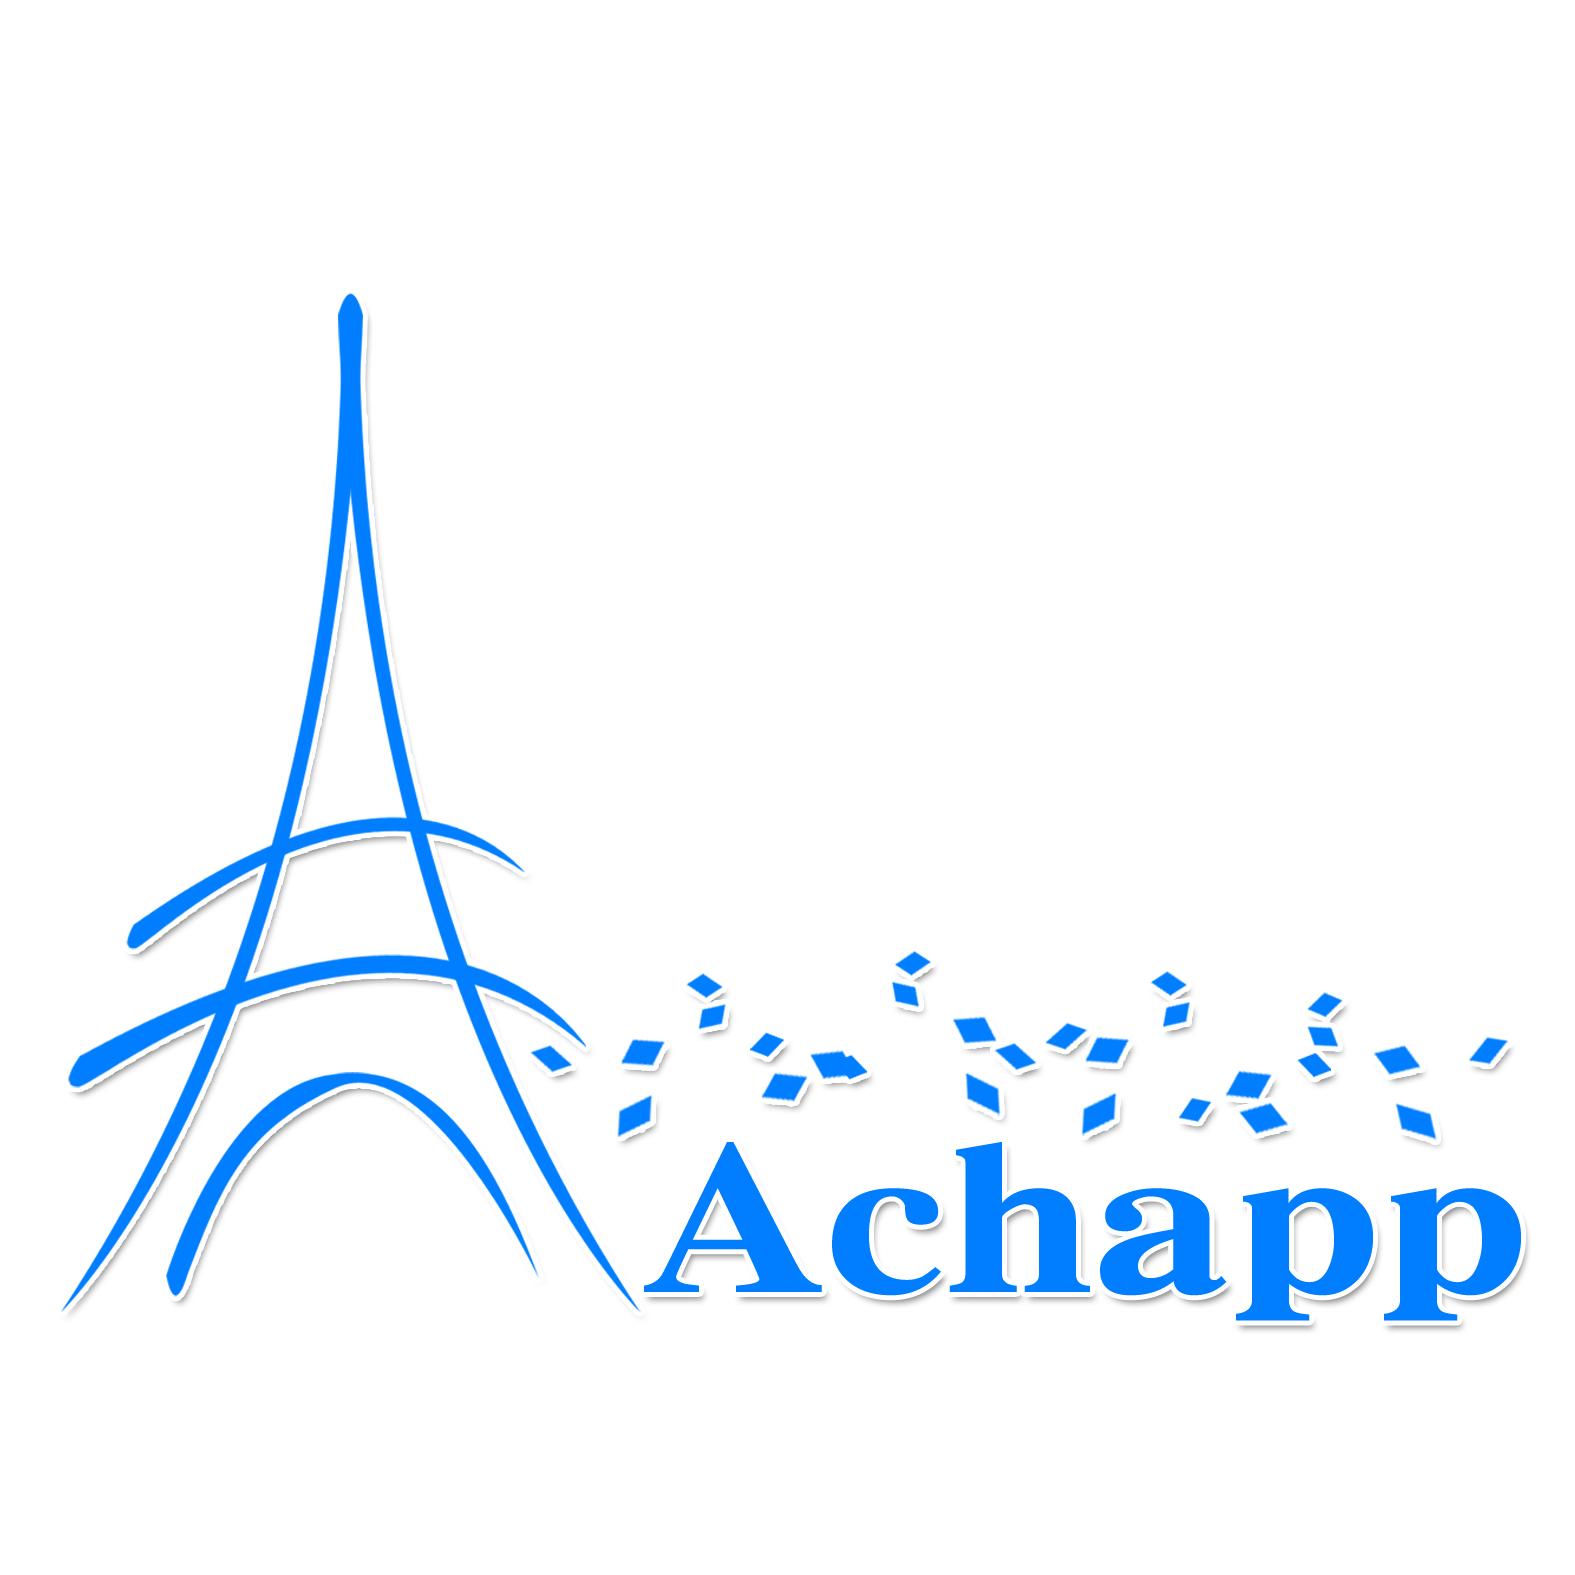 以代表欧洲,在achapp上方有多个菱形方块,为博士帽抽象变形象征留学生